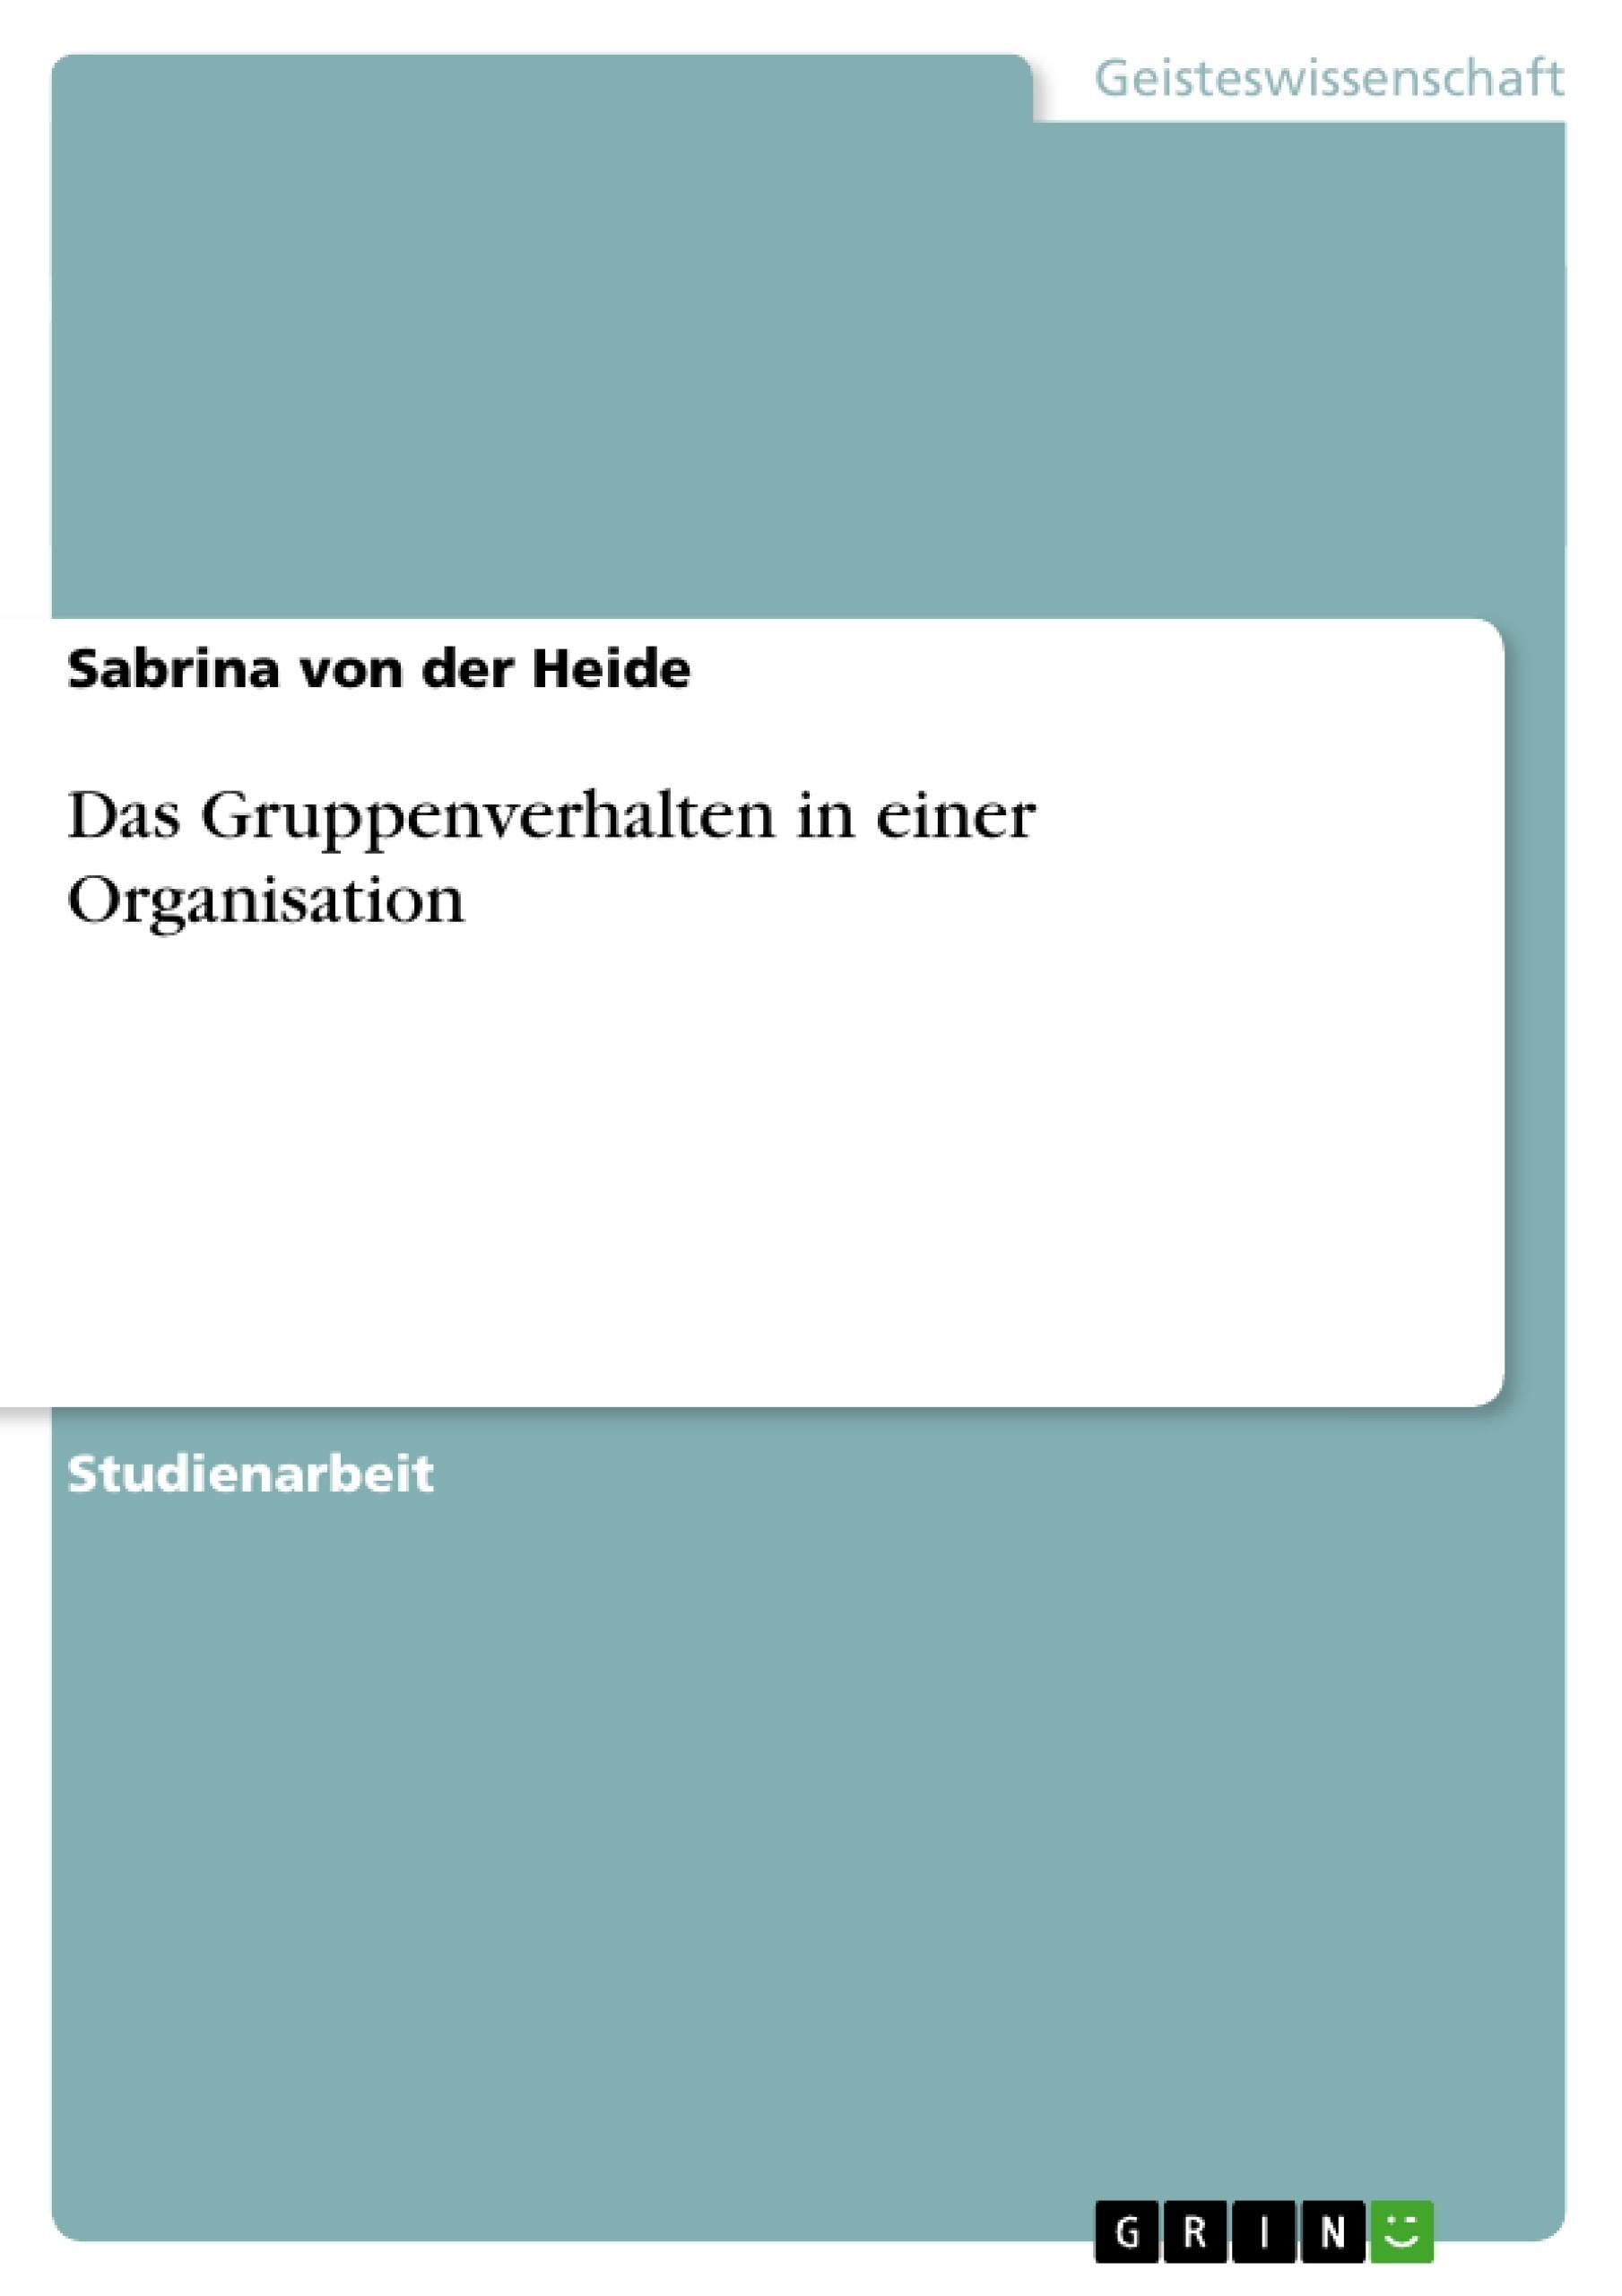 Titel: Das Gruppenverhalten in einer Organisation